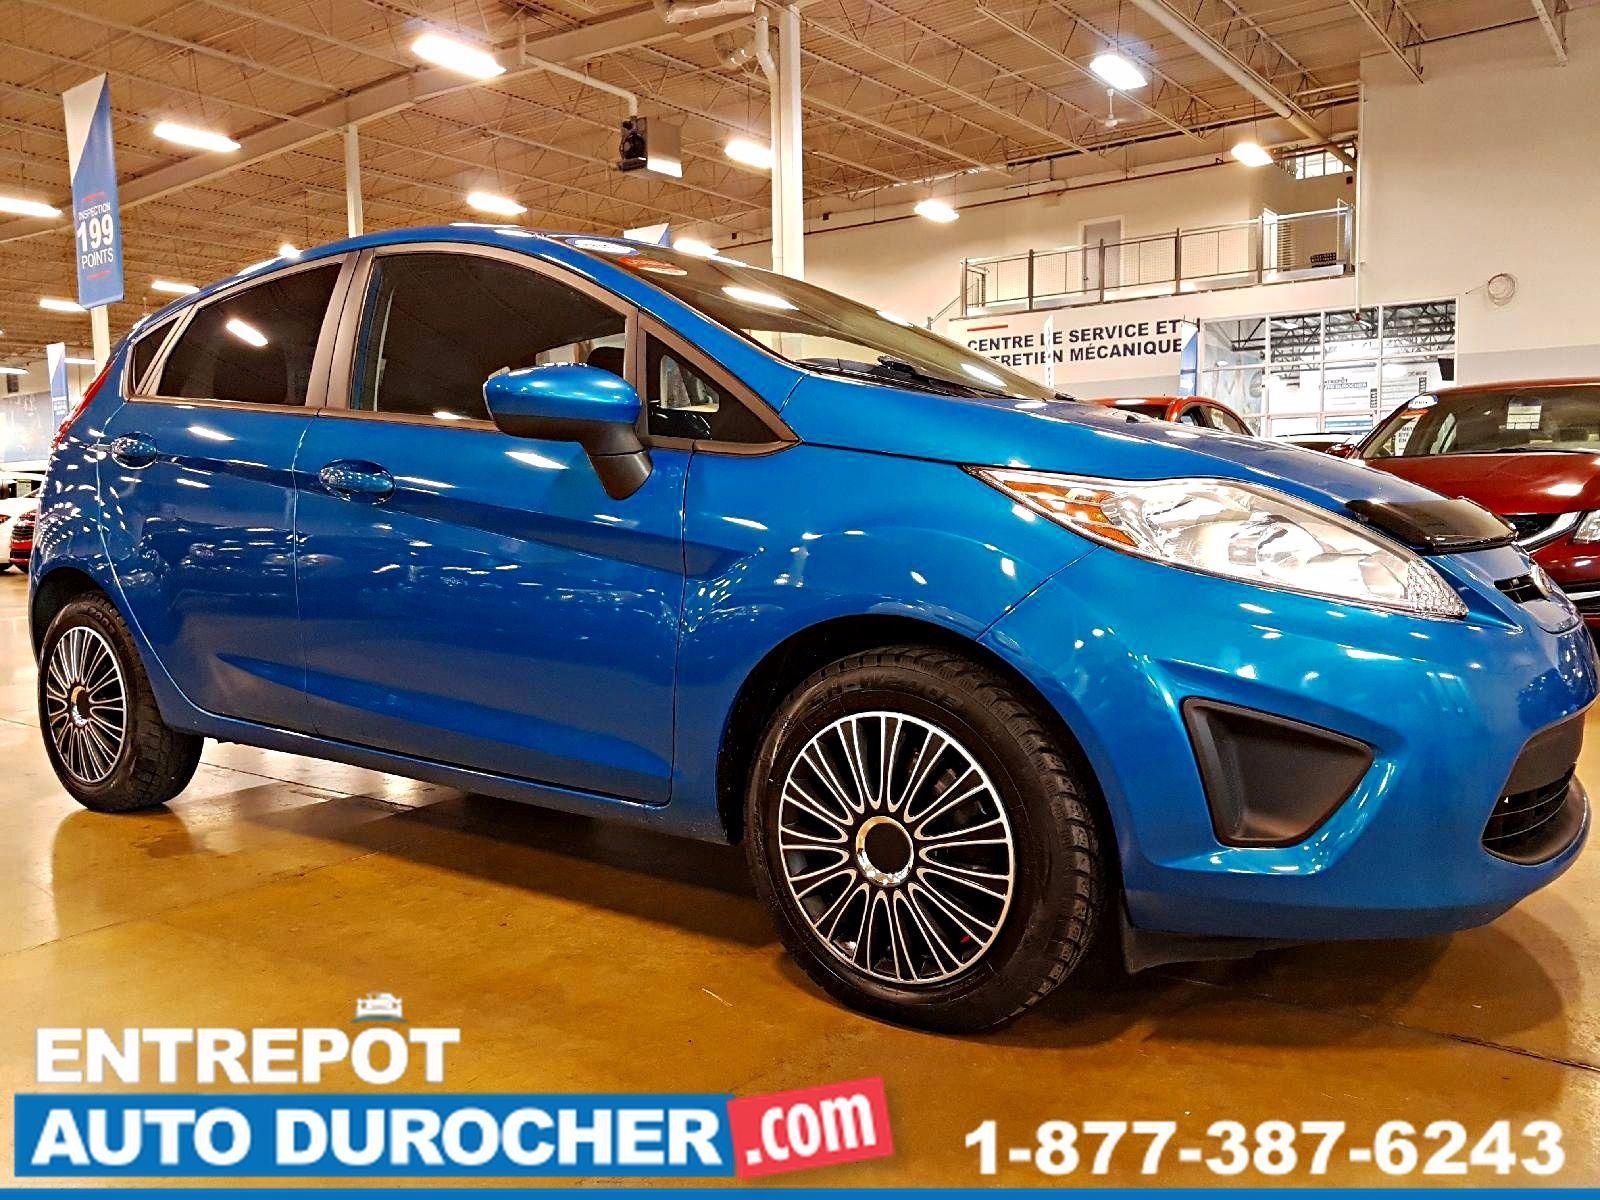 Ford Fiesta SE - AUTOMATIQUE - AIR CLIMATISÉ 2013